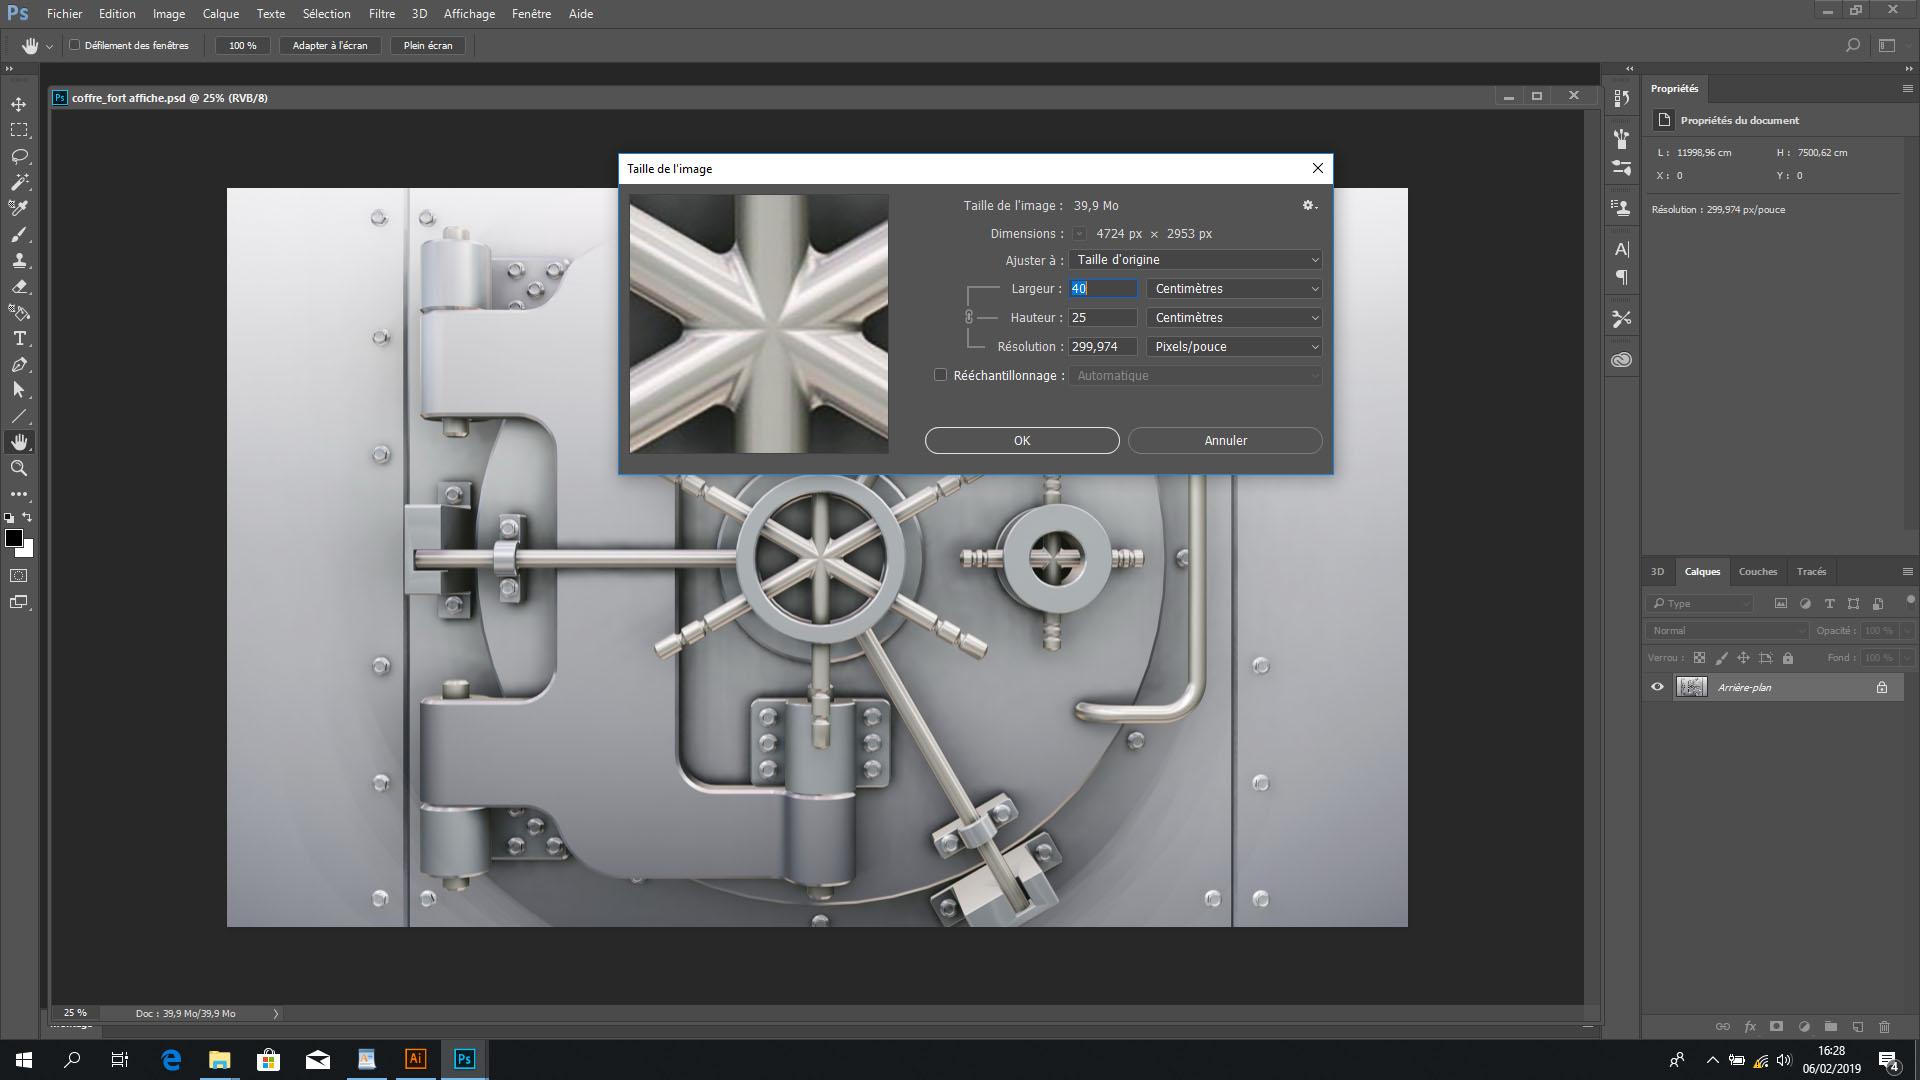 Pour un grand format de 4×3 m, nous allons créer une affiche publicitaire de 40×30 cm sur Photoshop